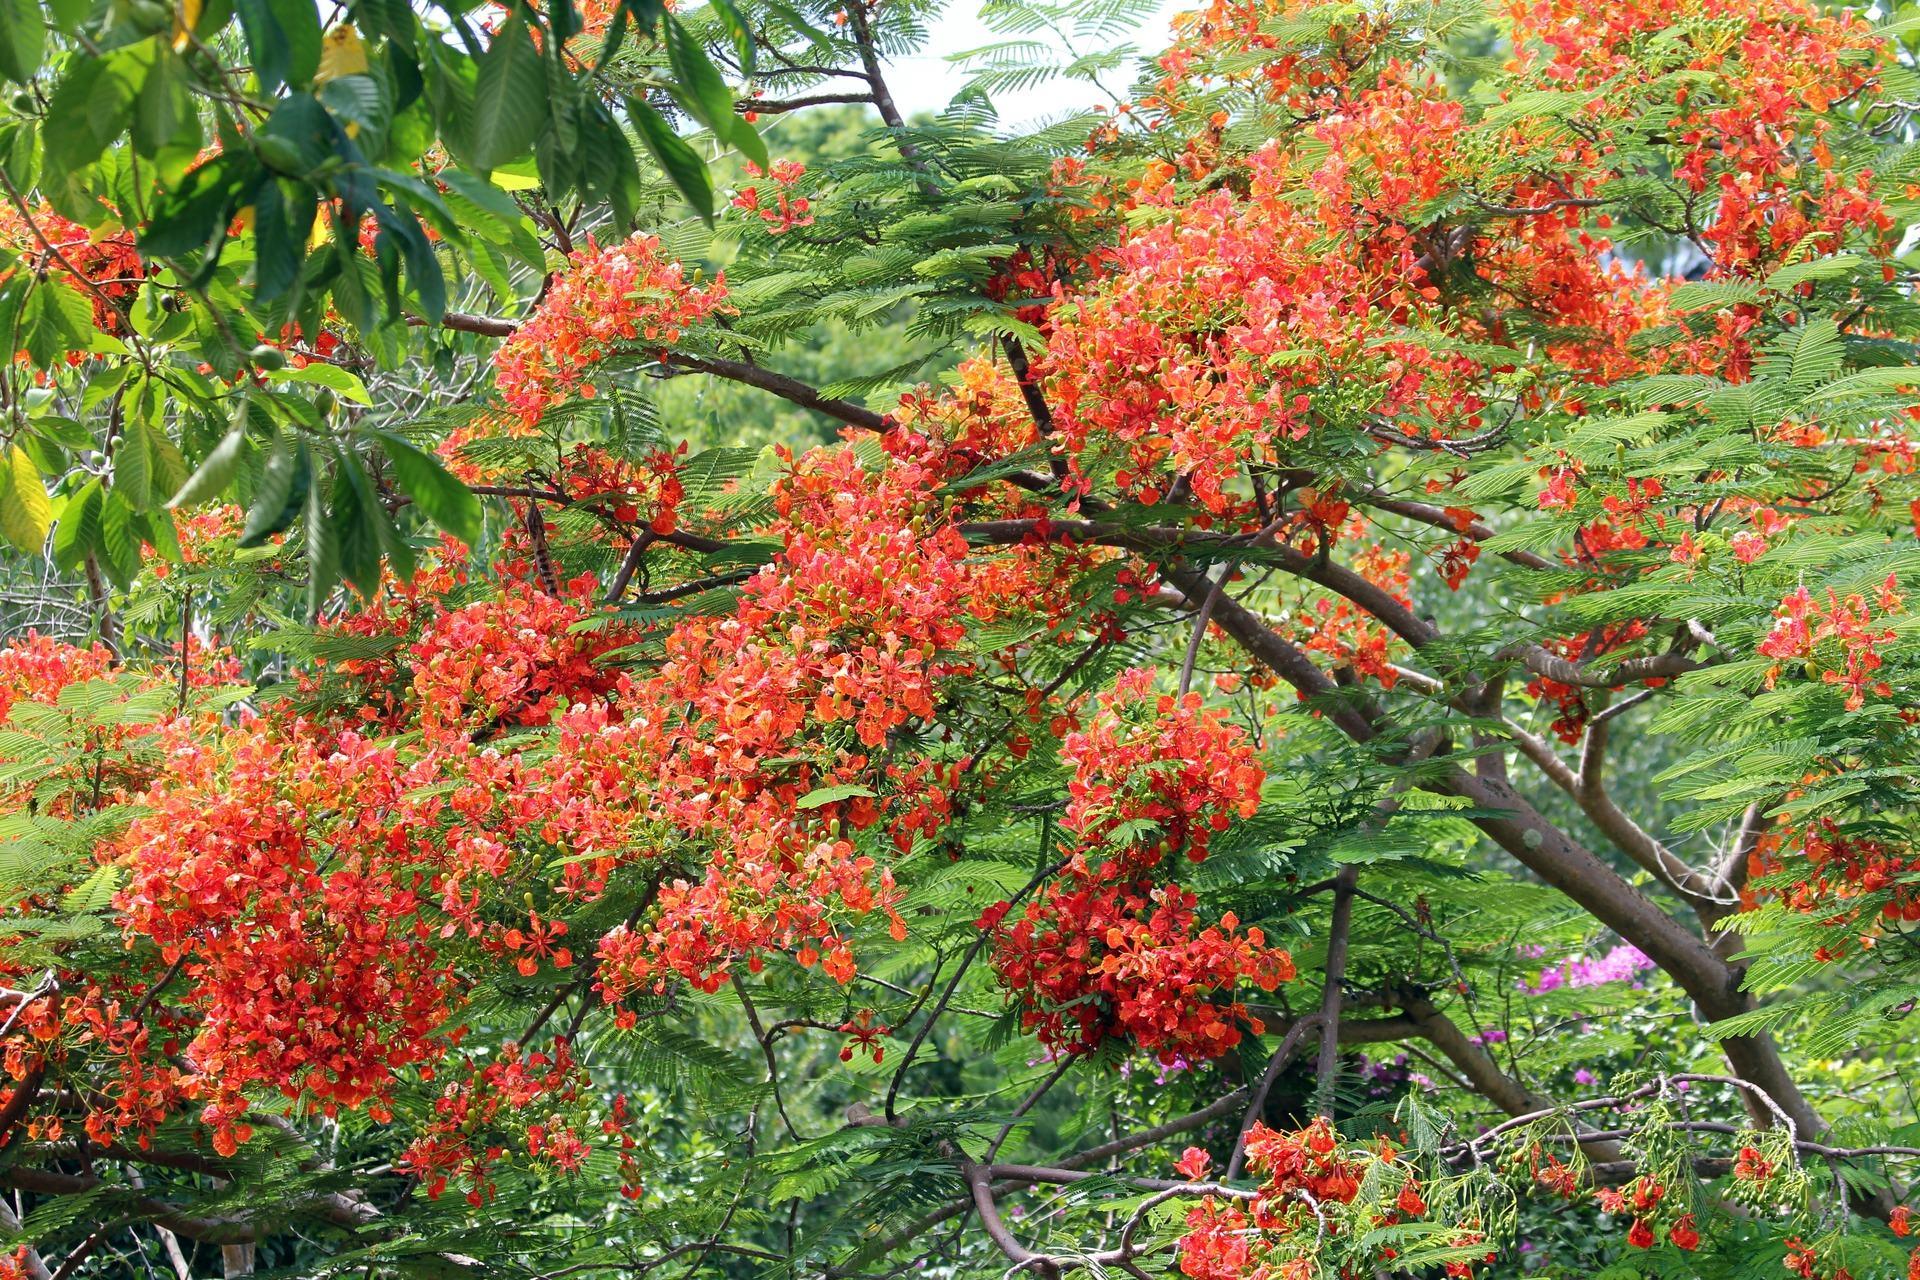 الزهور الحمراء على أشجار خضراء، الخلفية